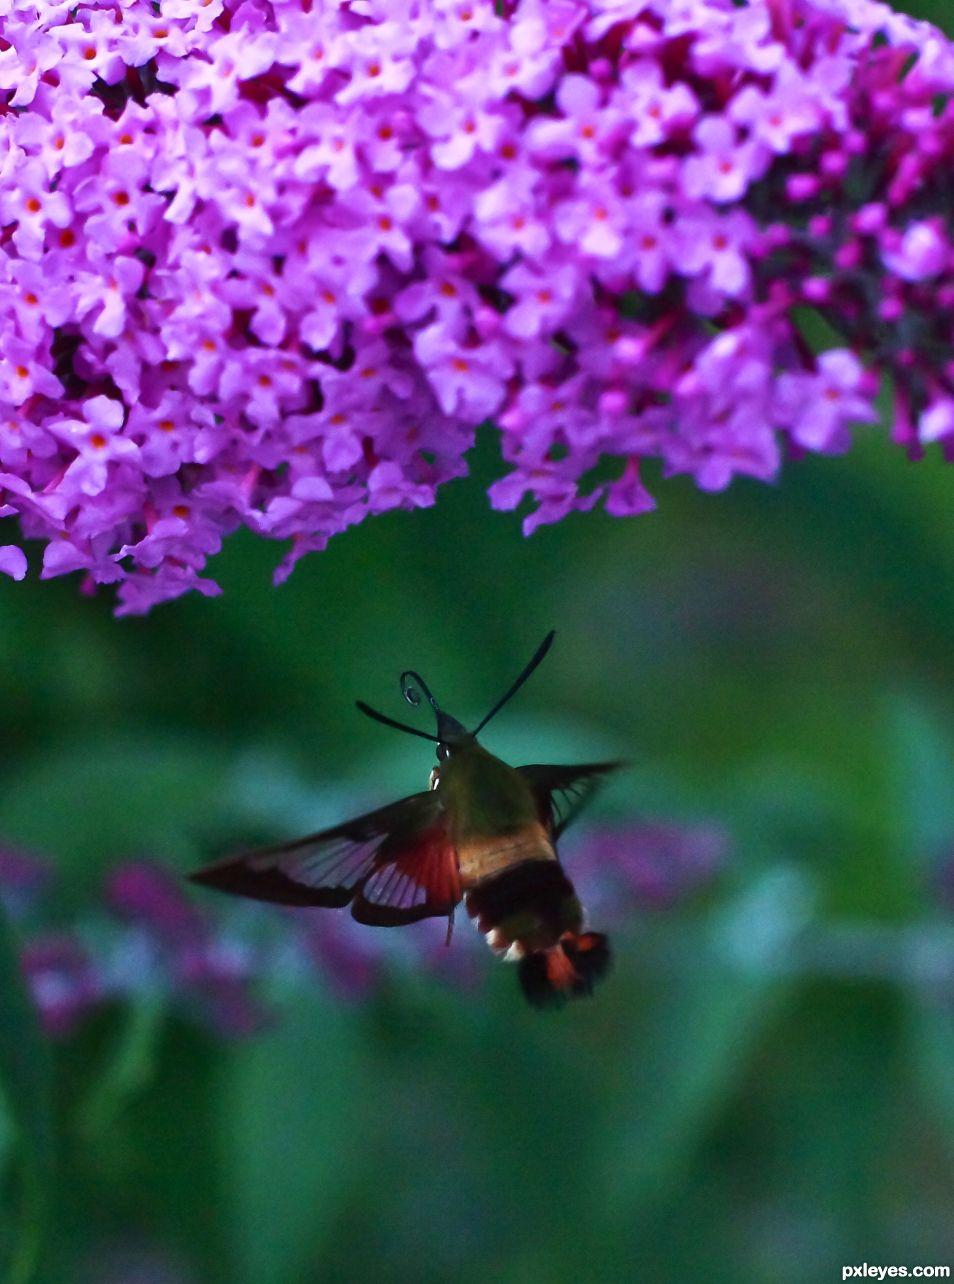 Like a Bumblebee?